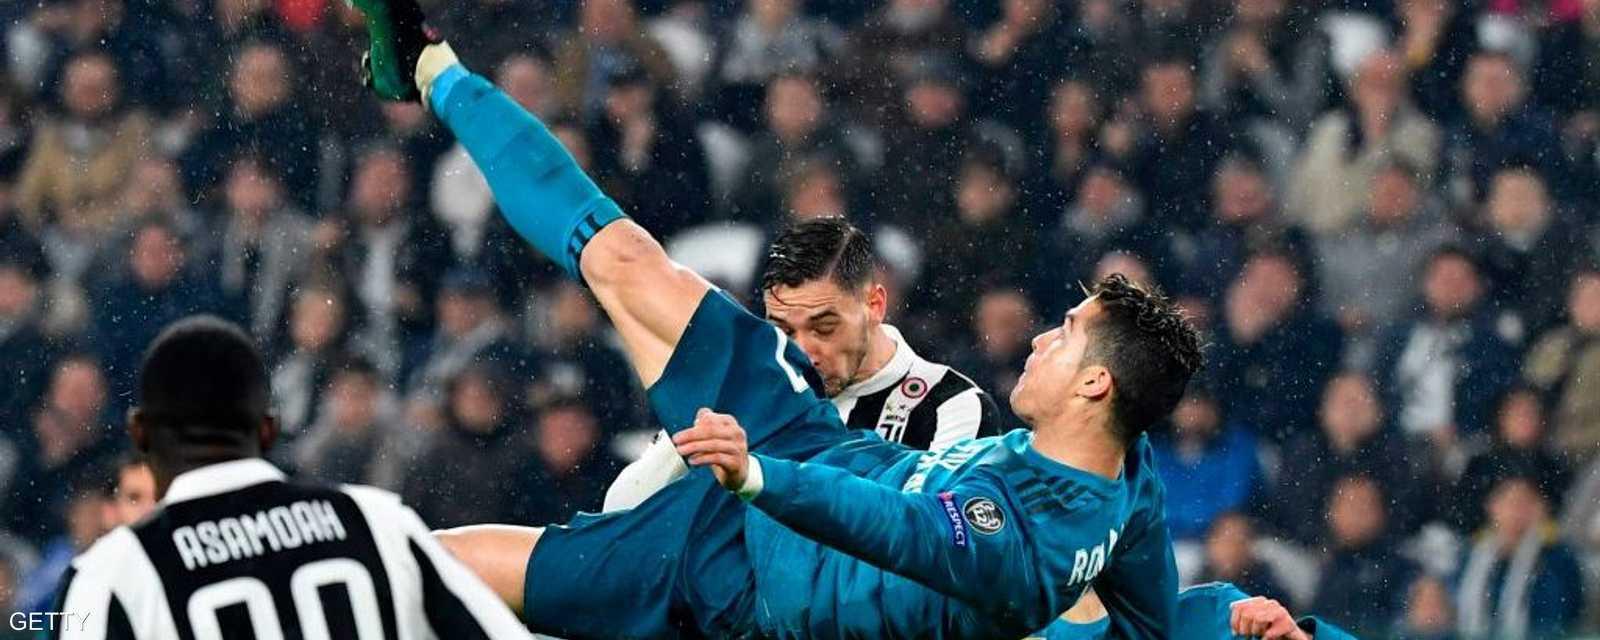 """""""مقصية الوداع"""".. آخر روائع رونالدو مع ريال مدريد بمرمى بوفون"""